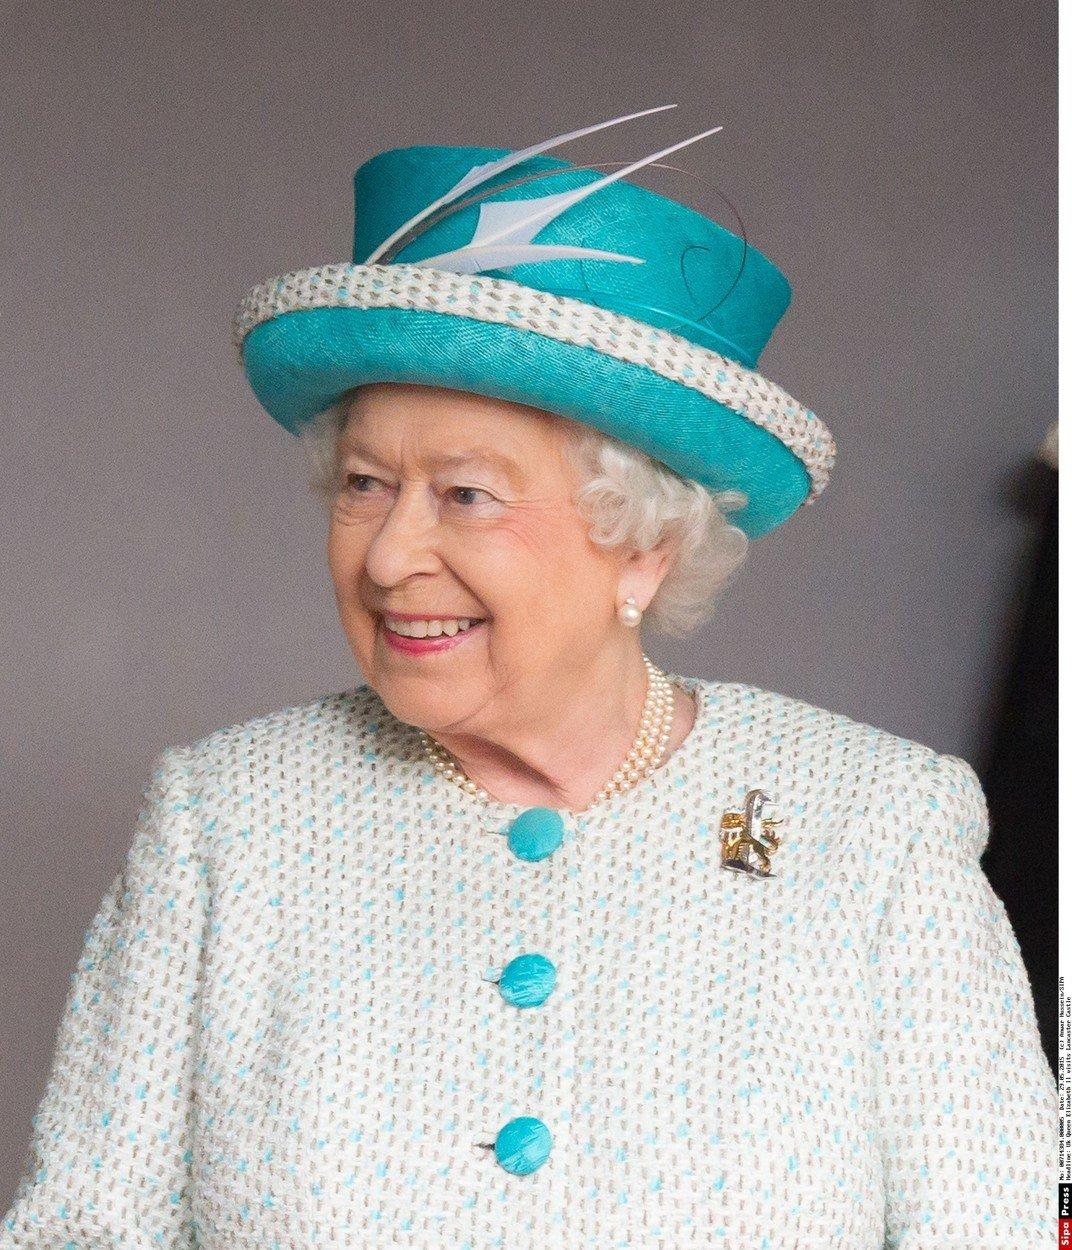 Královna Alžběta II. a její módní vkus: Vyladěné detaily